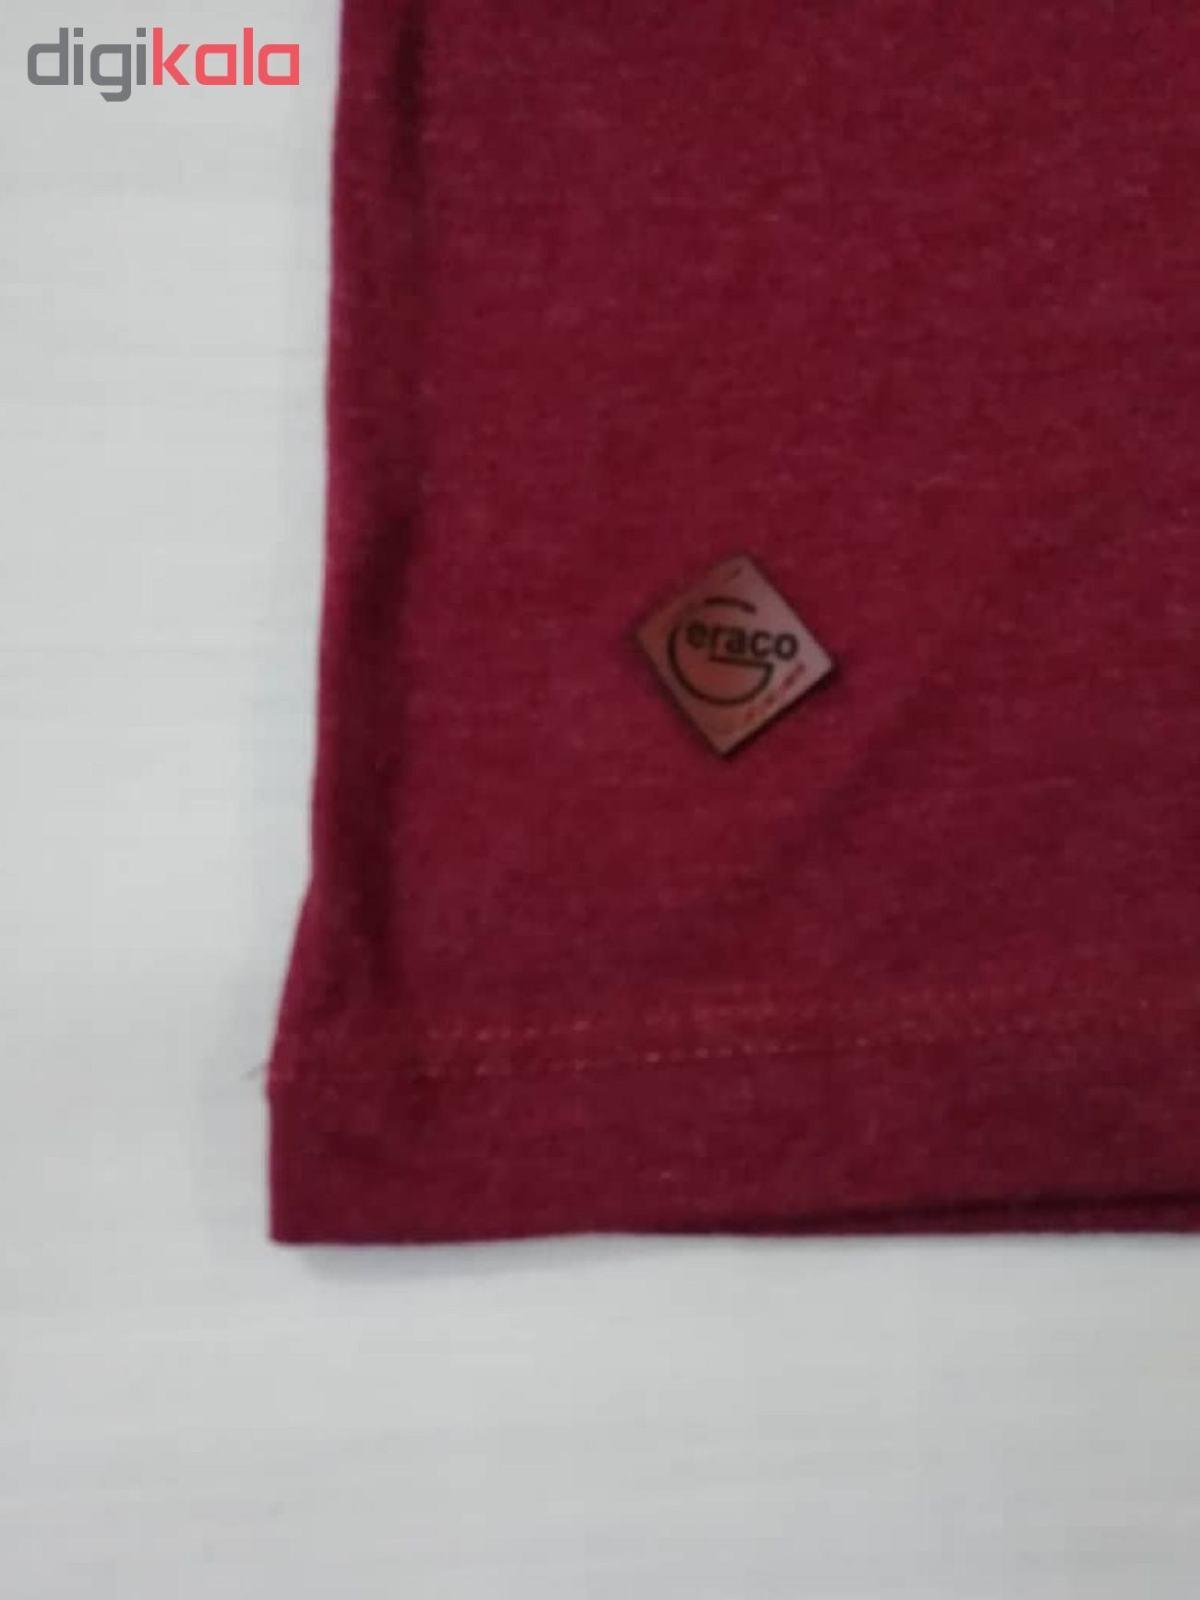 ست تی شرت و شلوارک پسرانه گراکو طرح موتور کد 118 main 1 8